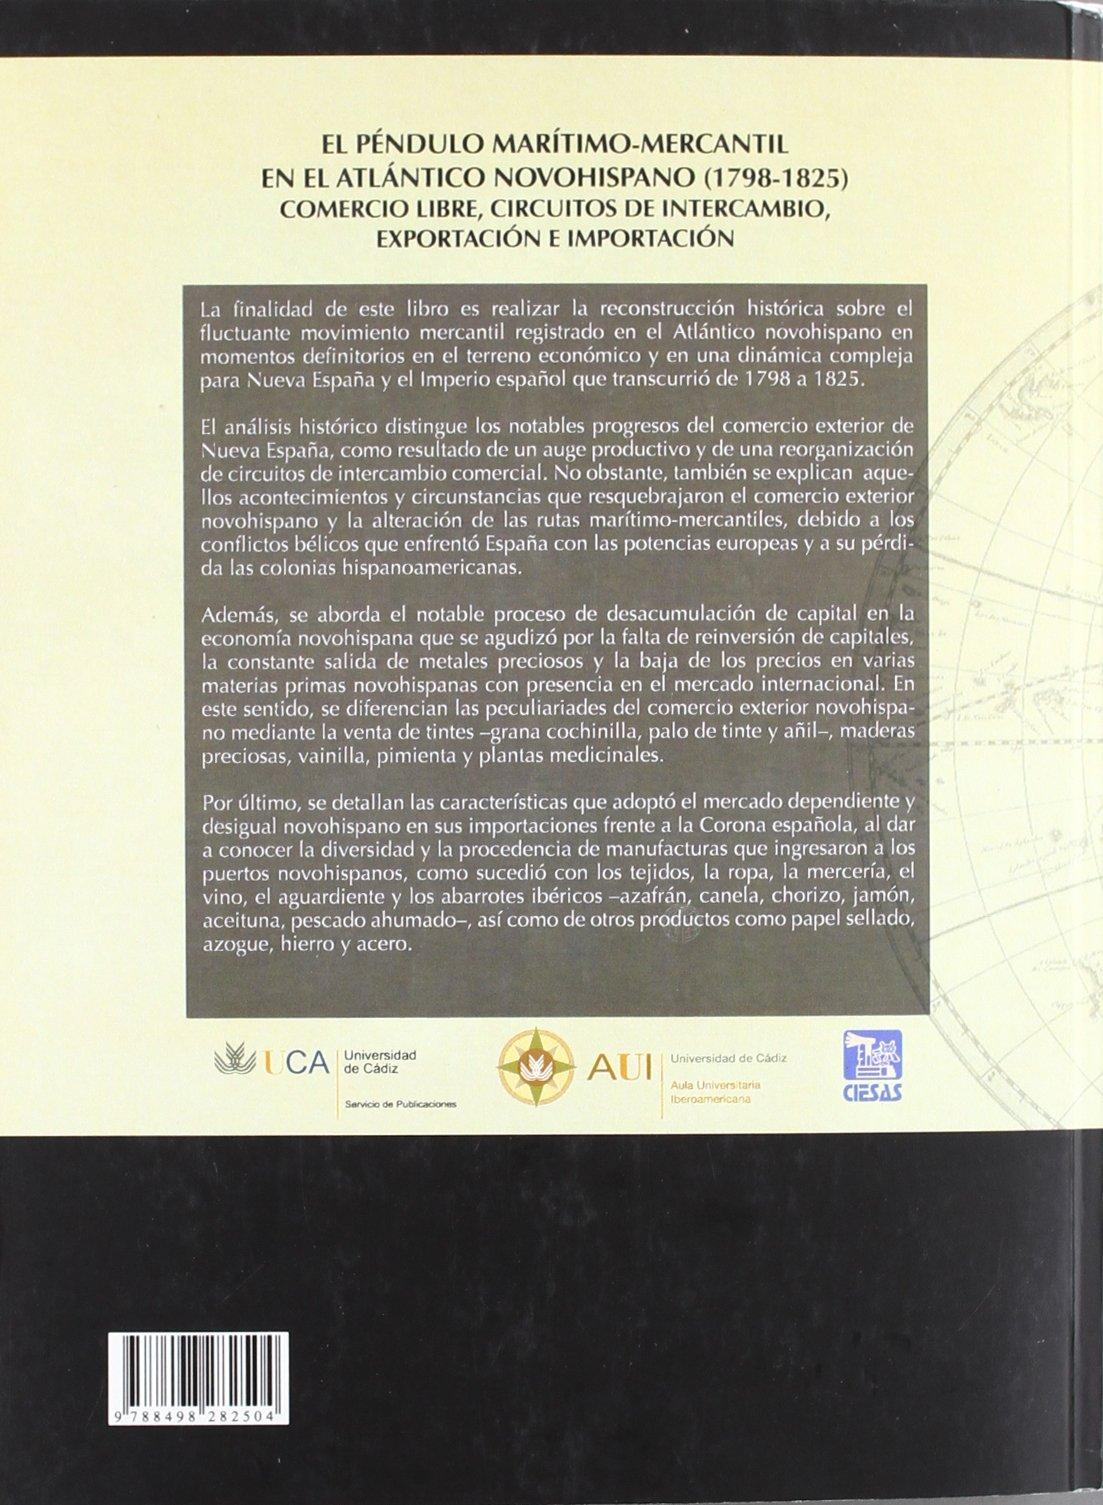 El péndulo marítimo-mercantil en el Atlántico Novohispano 1798-1825 : Comercio libre, circuitos de intercambio, exportación e importación: Amazon.es: Trujillo Bolio, Mario: Libros